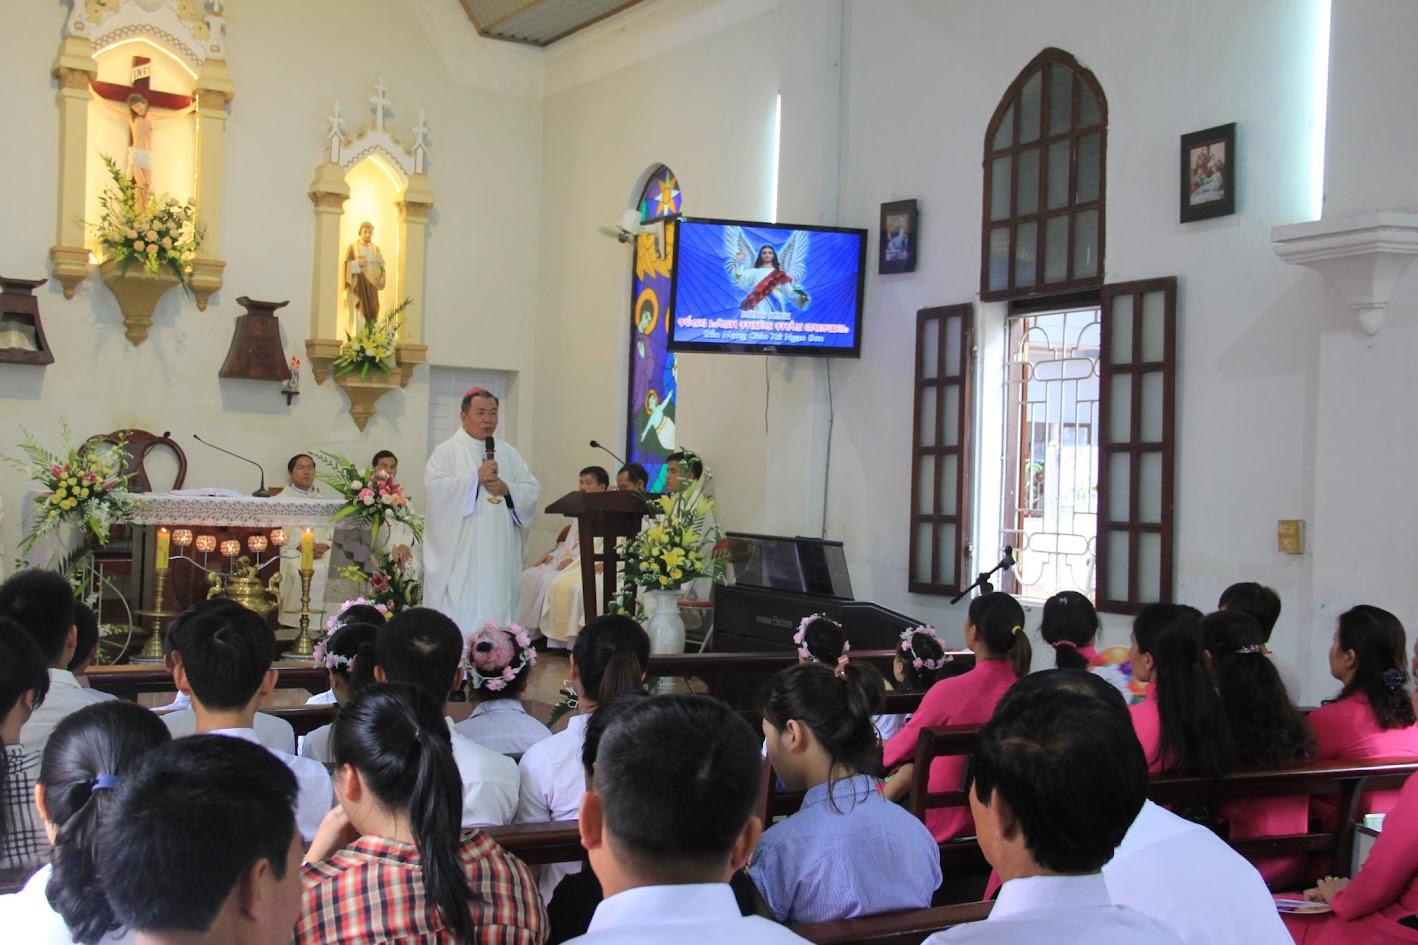 Giáo xứ Ngạn Sơn: Thánh lễ Bổn mạng và Làm phép Nhà mới - Ảnh minh hoạ 15